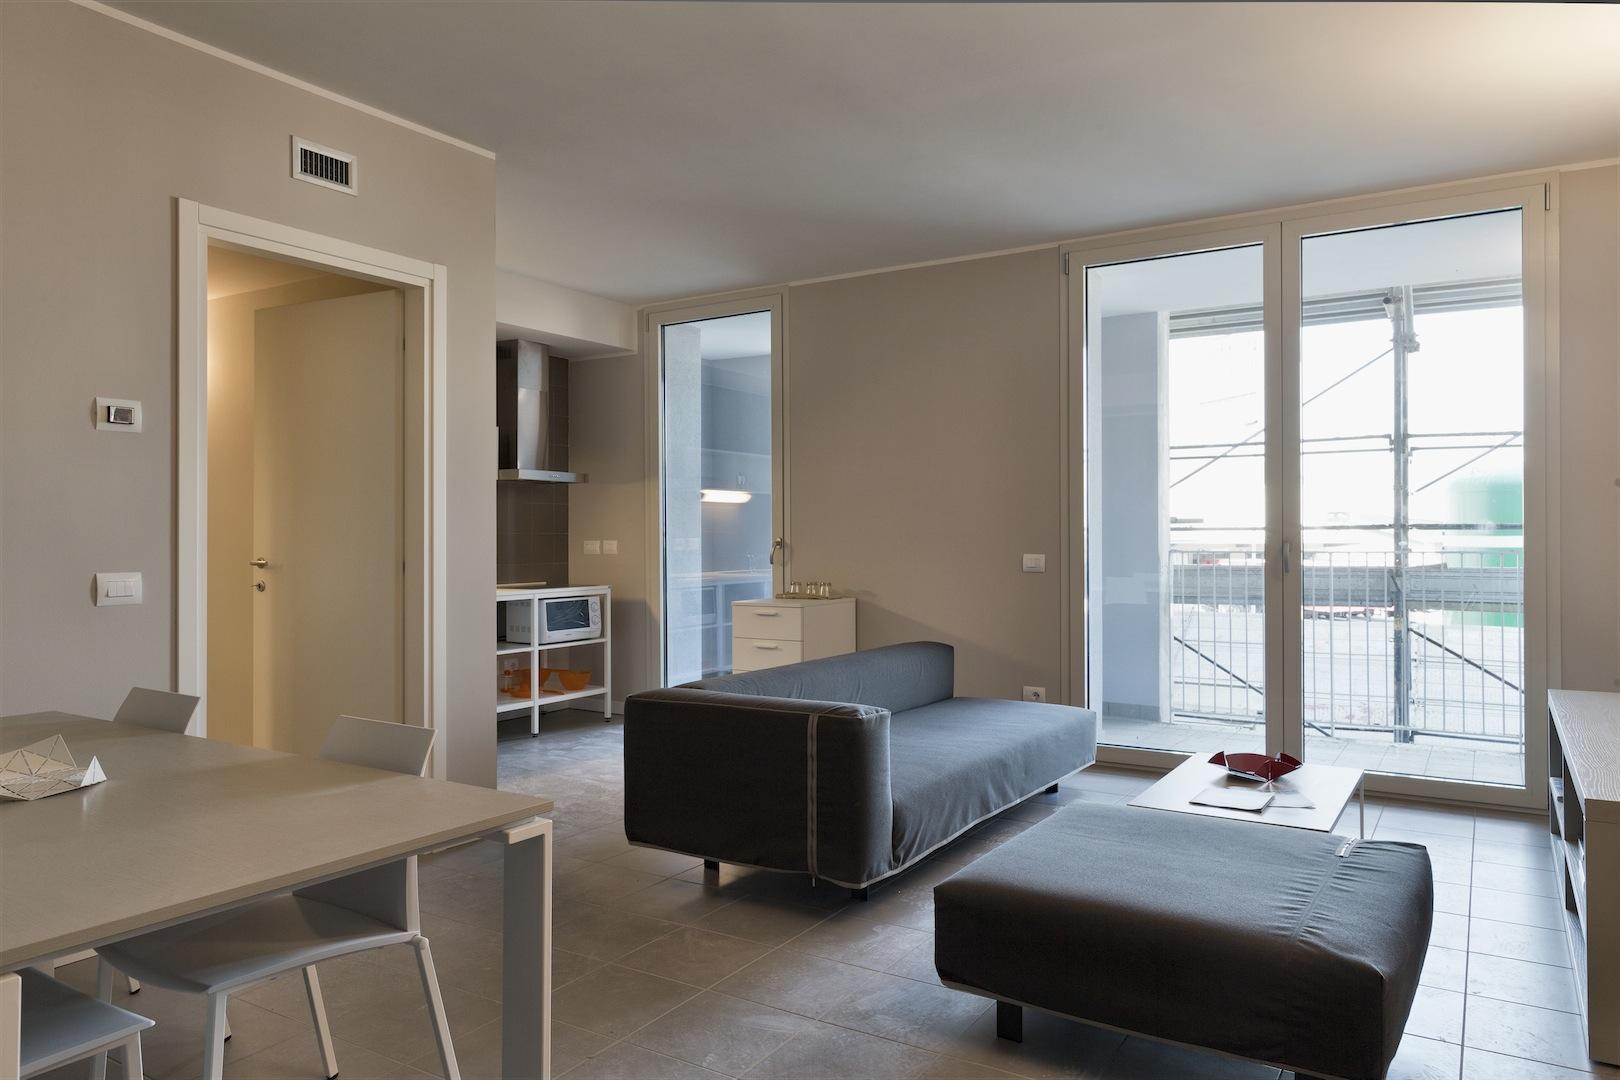 Cos saranno gli appartamenti del villaggio expo di for Appartamenti in condivisione milano